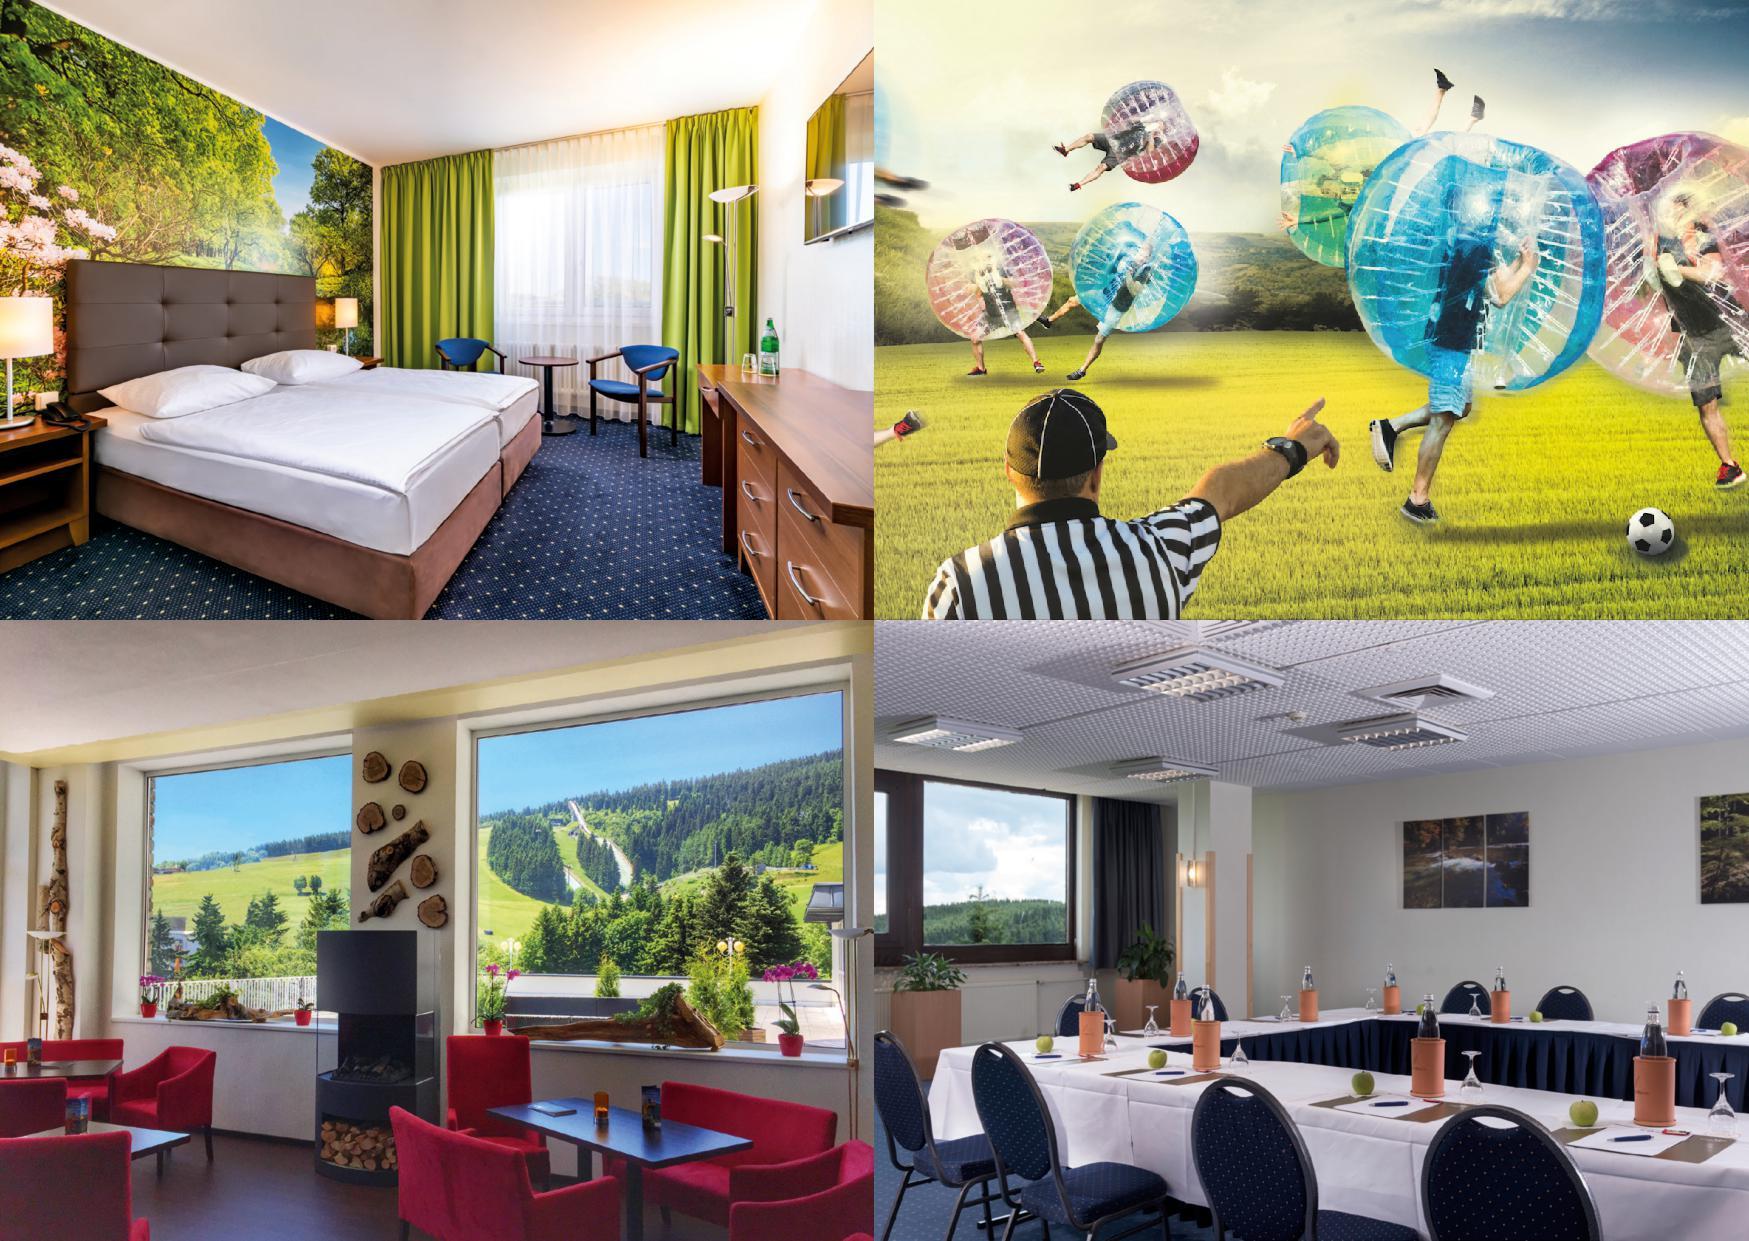 diverse Impressionen Tagungshotel Brandenburg, Tagungshotel Thüringen und Tagungshotel Sachsen - die AHORN Hotels & Resorts